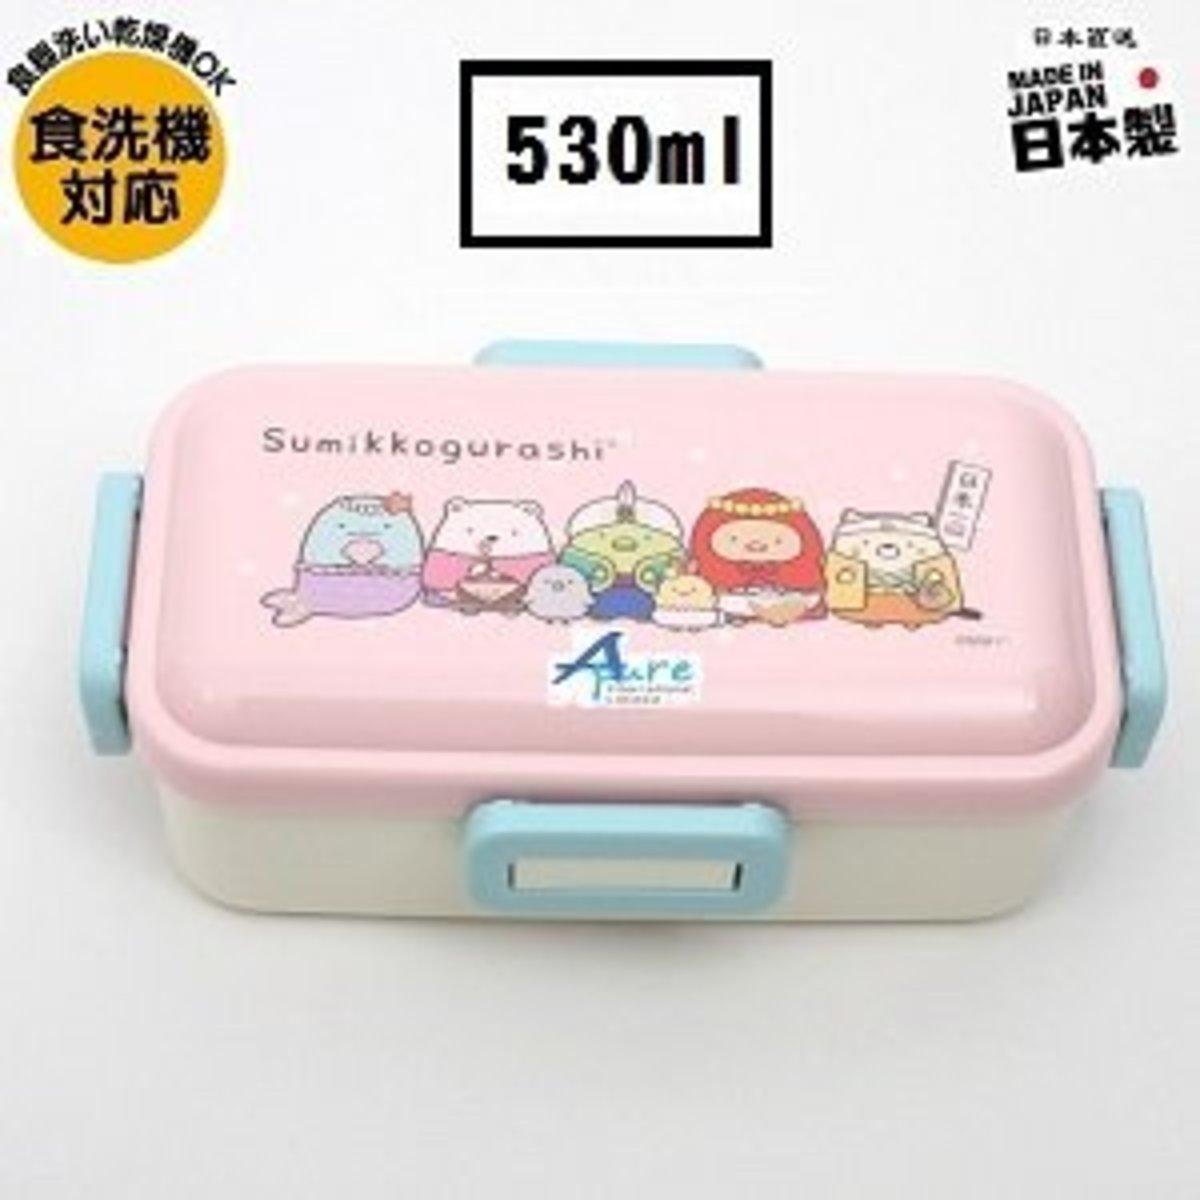 角落生物電影版午餐盒530ml(日本直送)日本製造